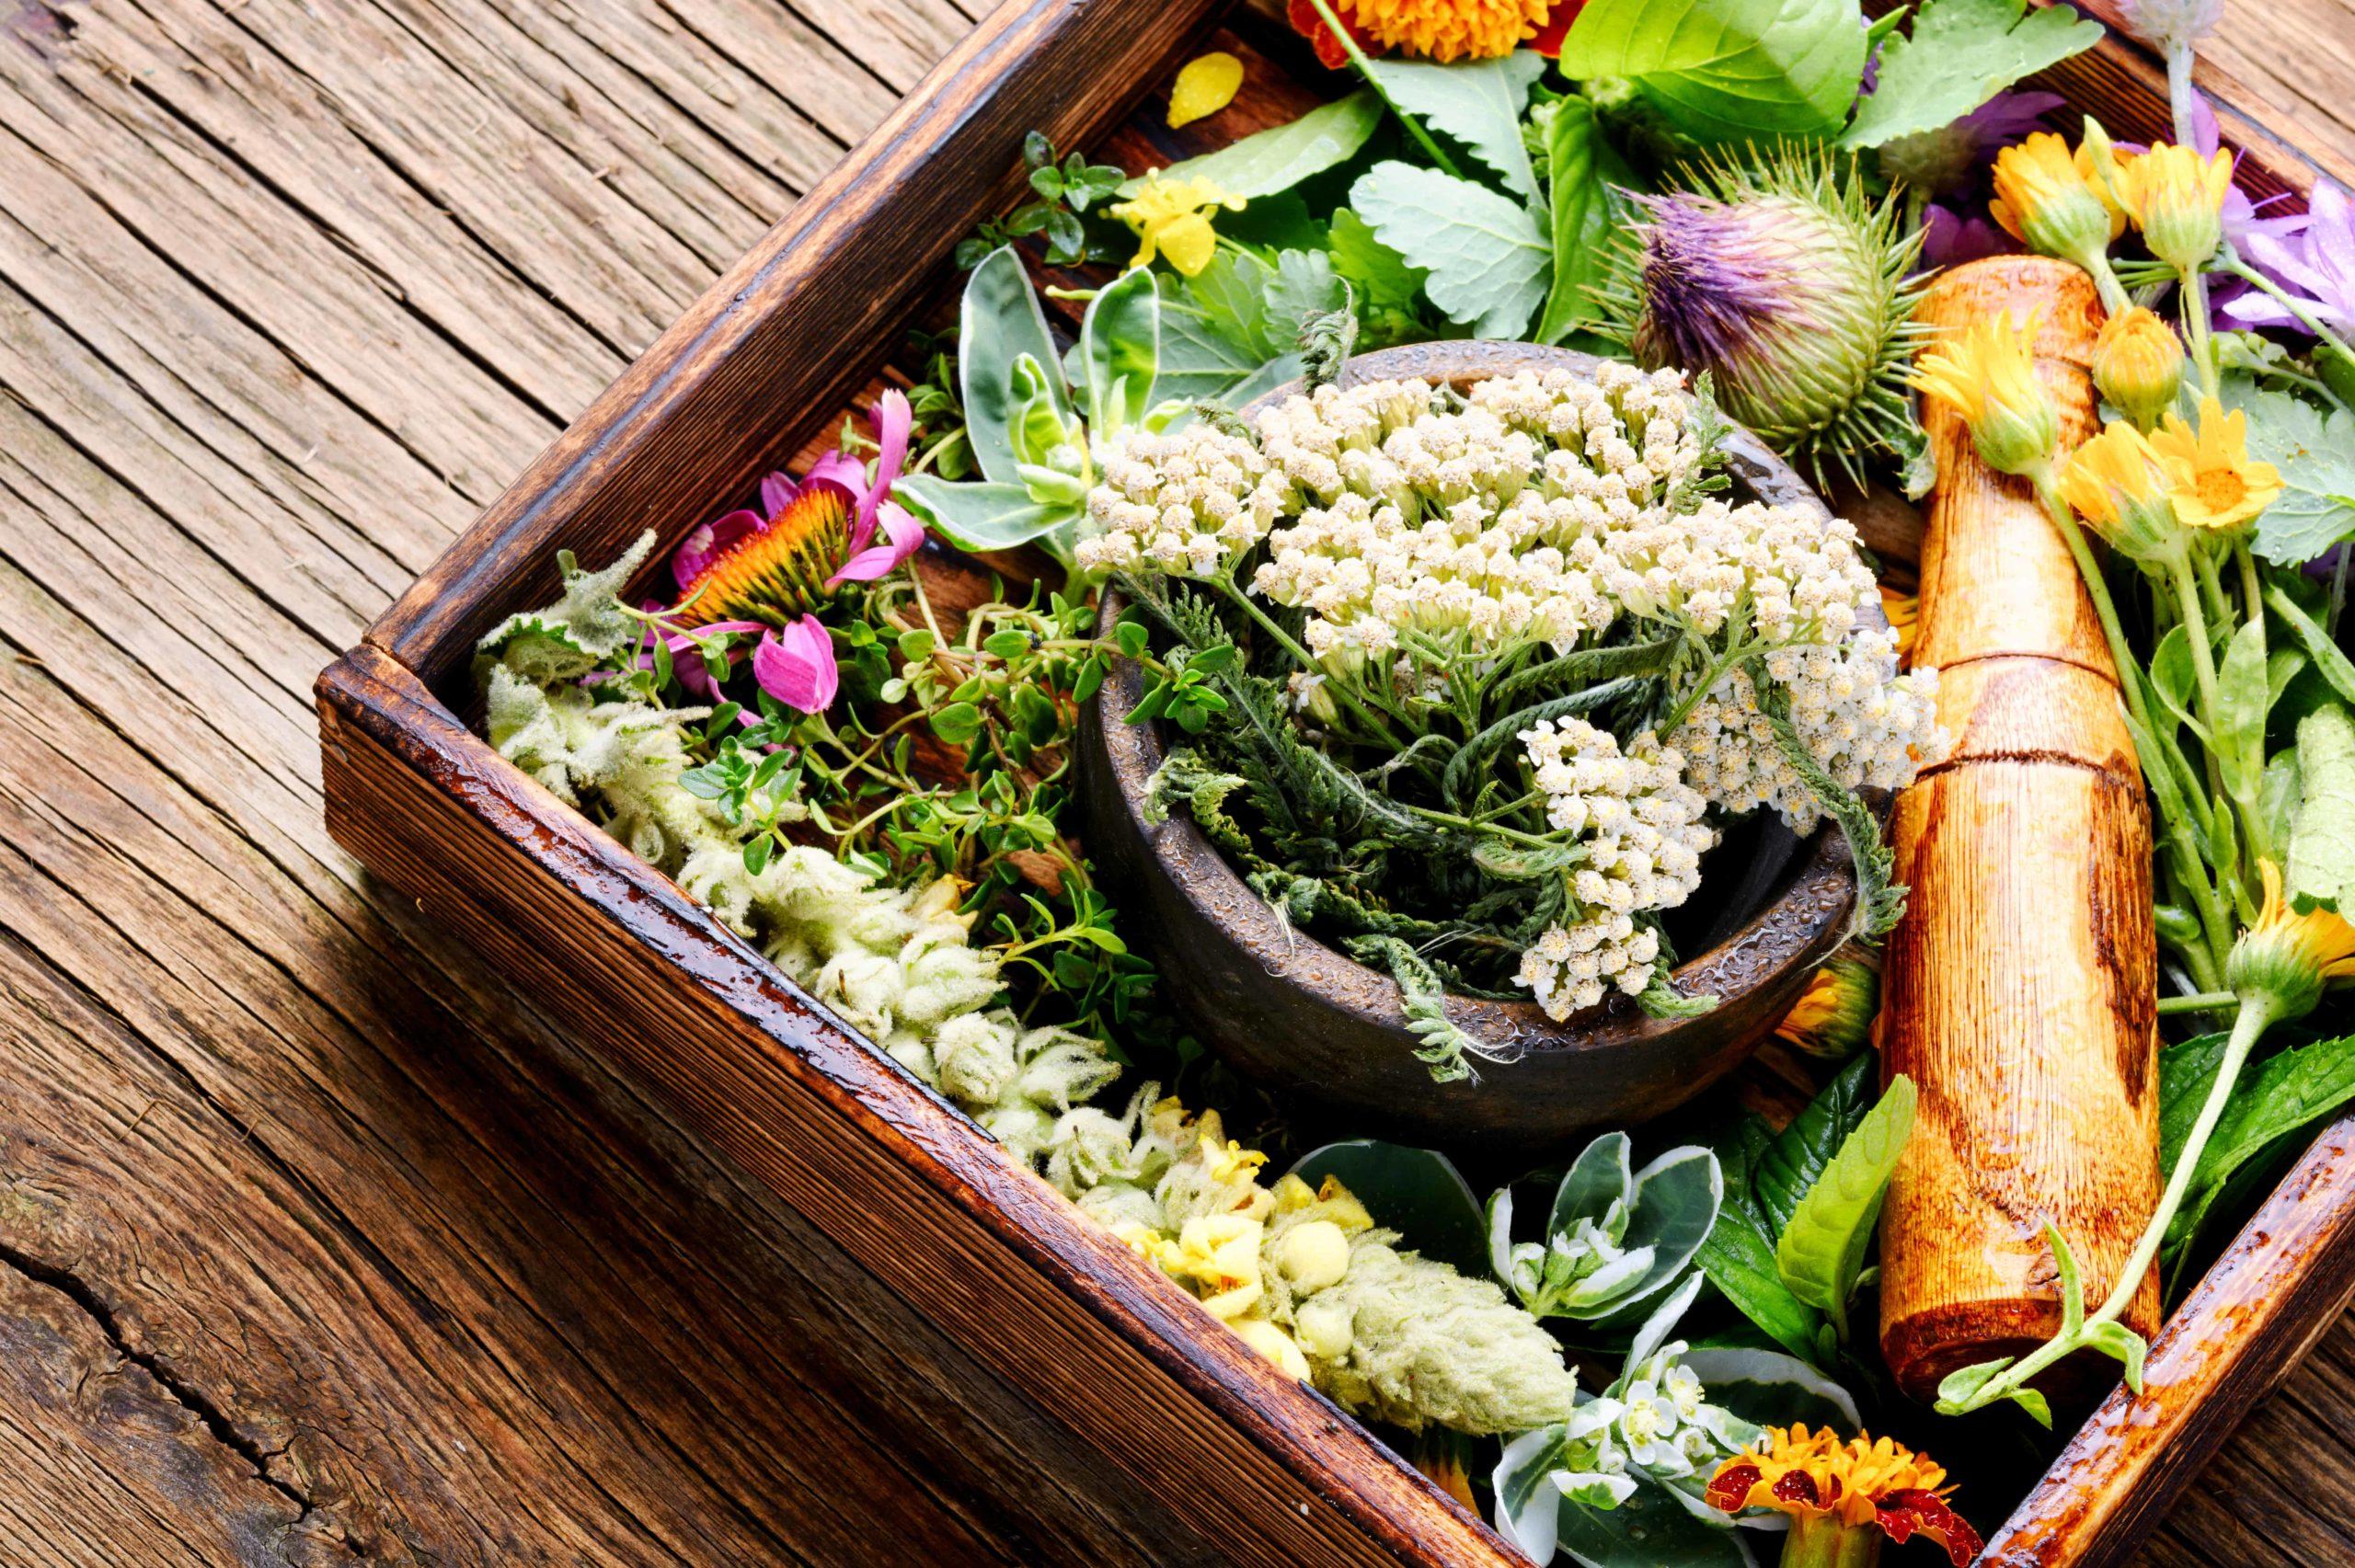 Douleur à la hanche? Essayez ces recettes d'huiles essentielles très efficaces pour un soulagement naturel, sûr et durable! |